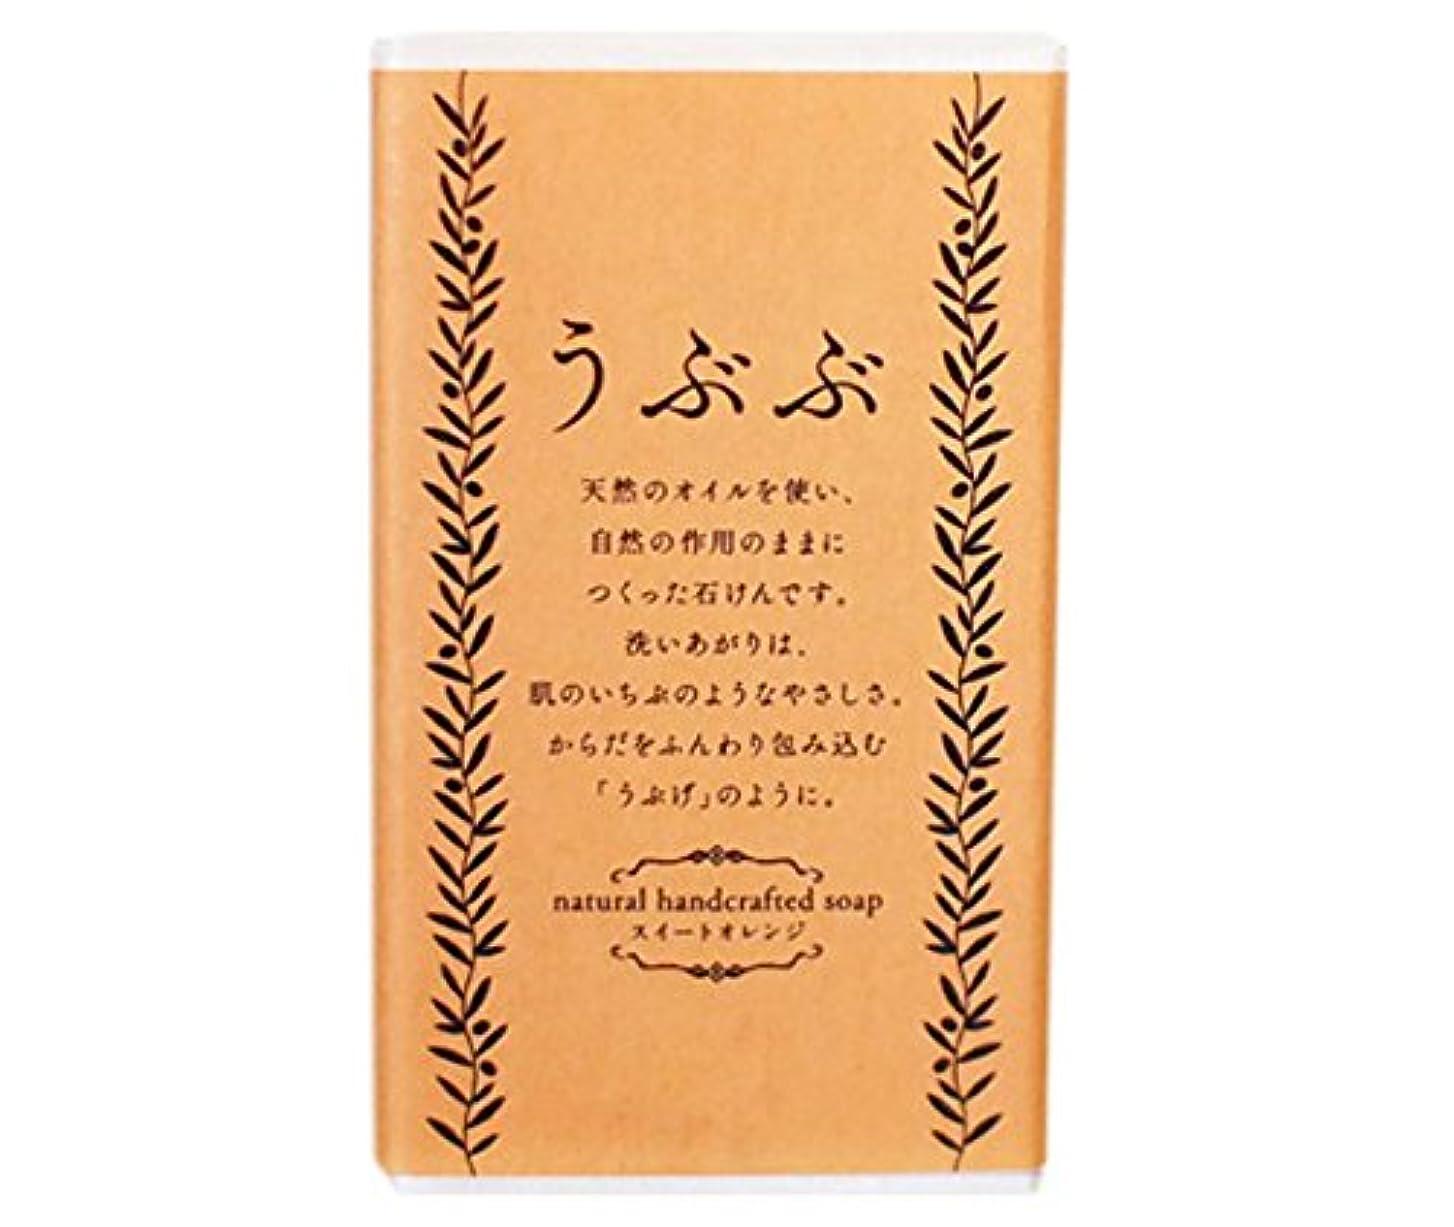 しかしながらシダ駅うぶぶ 石けん natural handcrafted soap スイートオレンジ